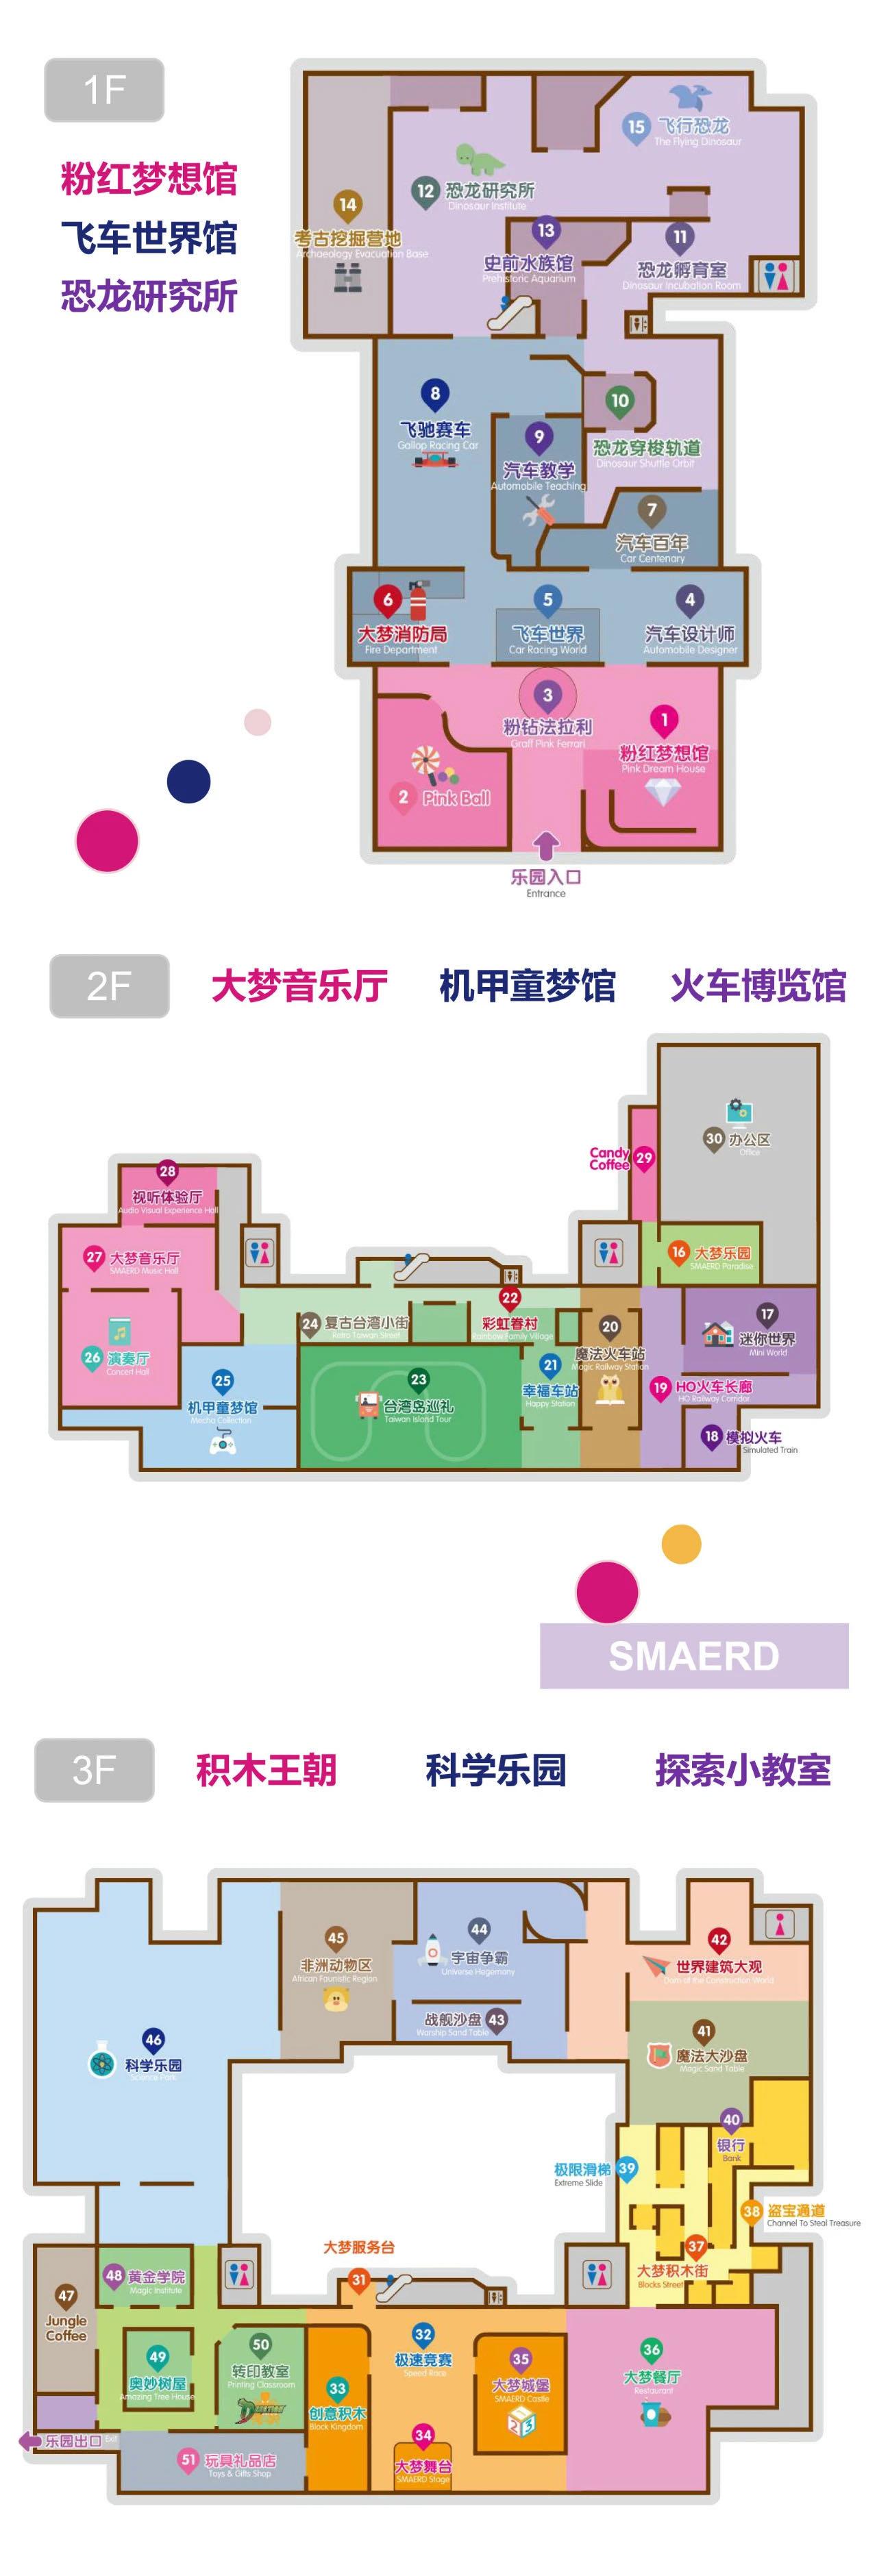 深圳大梦探索乐园开业:8个主题场馆耗资1.5亿元